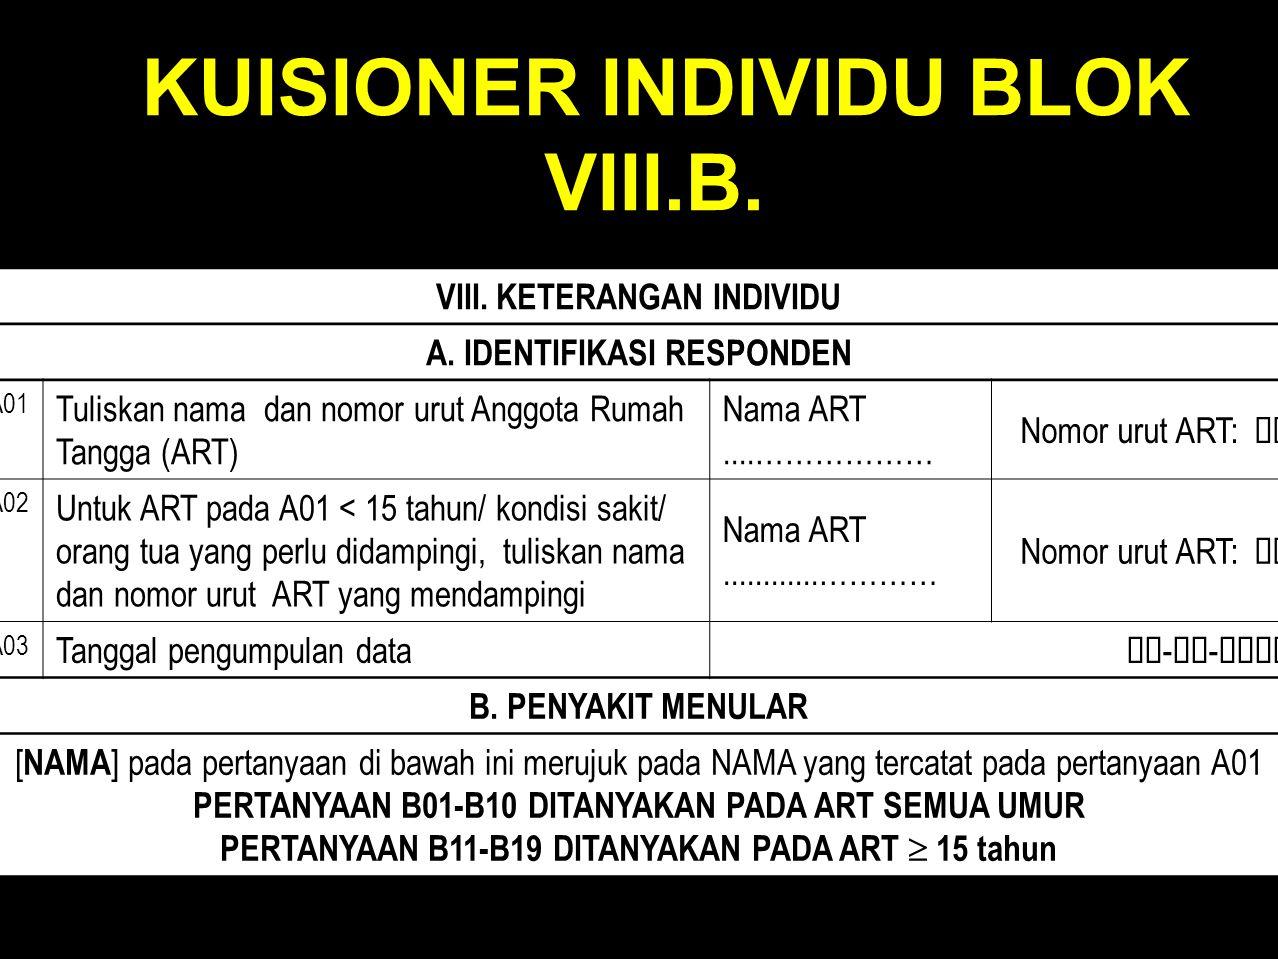 VIII. KETERANGAN INDIVIDU A. IDENTIFIKASI RESPONDEN A01 Tuliskan nama dan nomor urut Anggota Rumah Tangga (ART) Nama ART....……………… Nomor urut ART: 